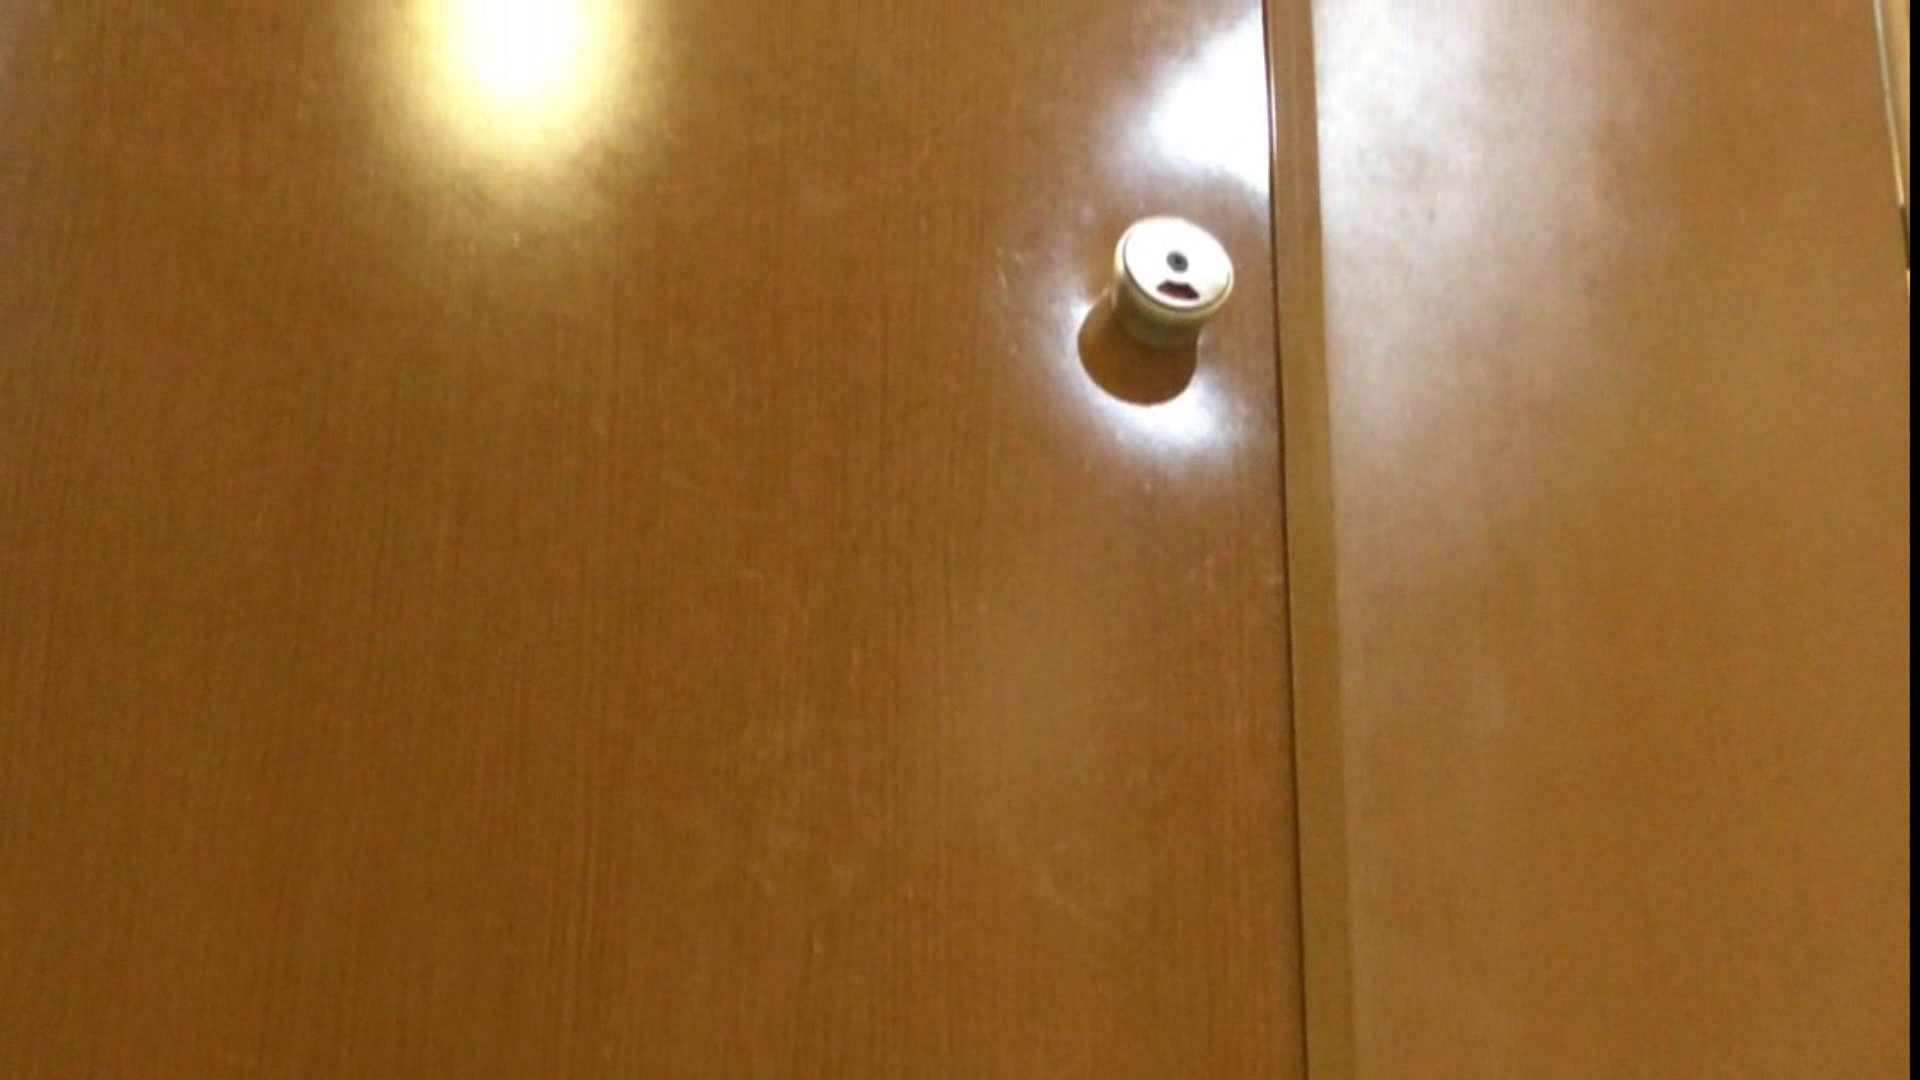 「噂」の国の厠観察日記2 Vol.14 厠 盗み撮りオマンコ動画キャプチャ 61画像 8